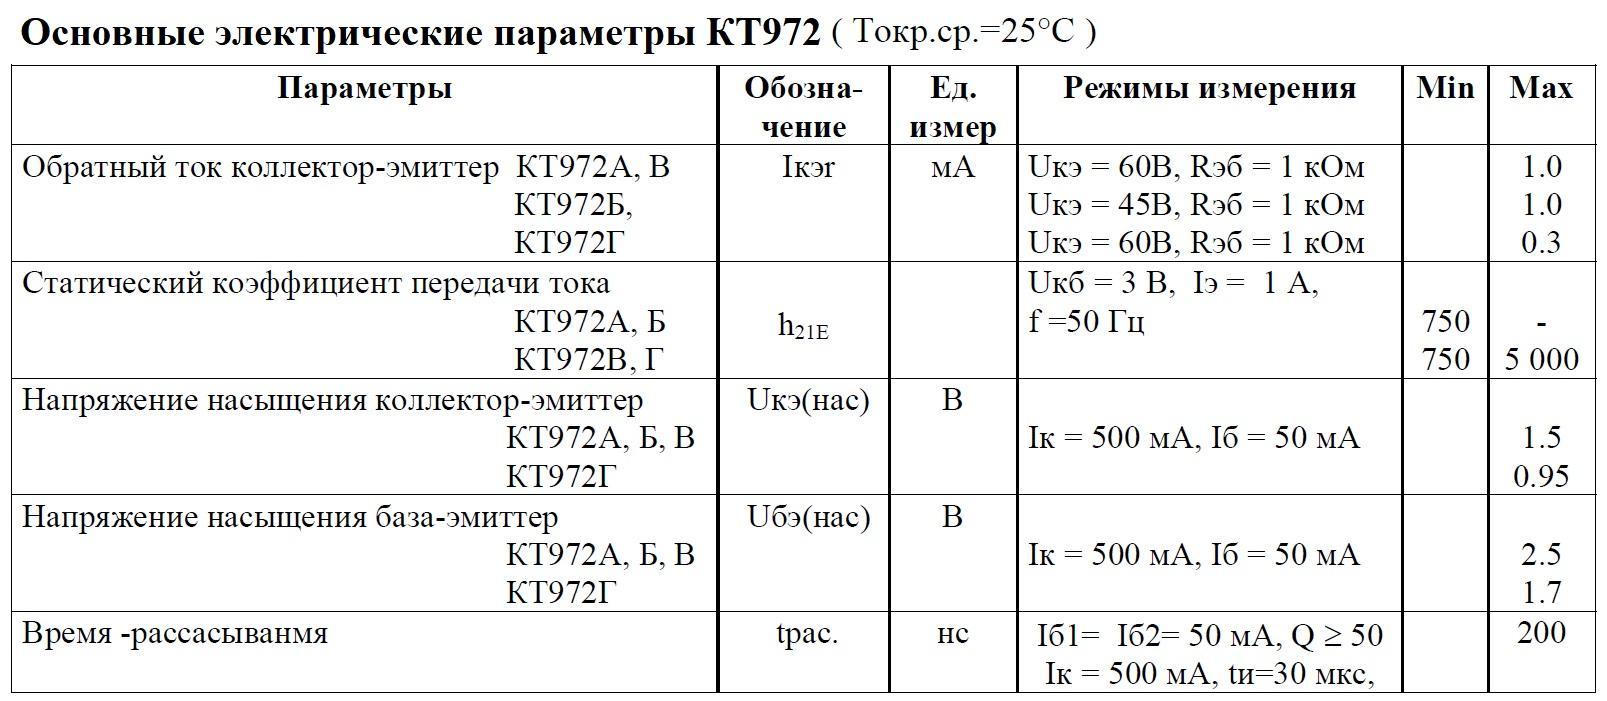 Основные электрические параметры КТ972